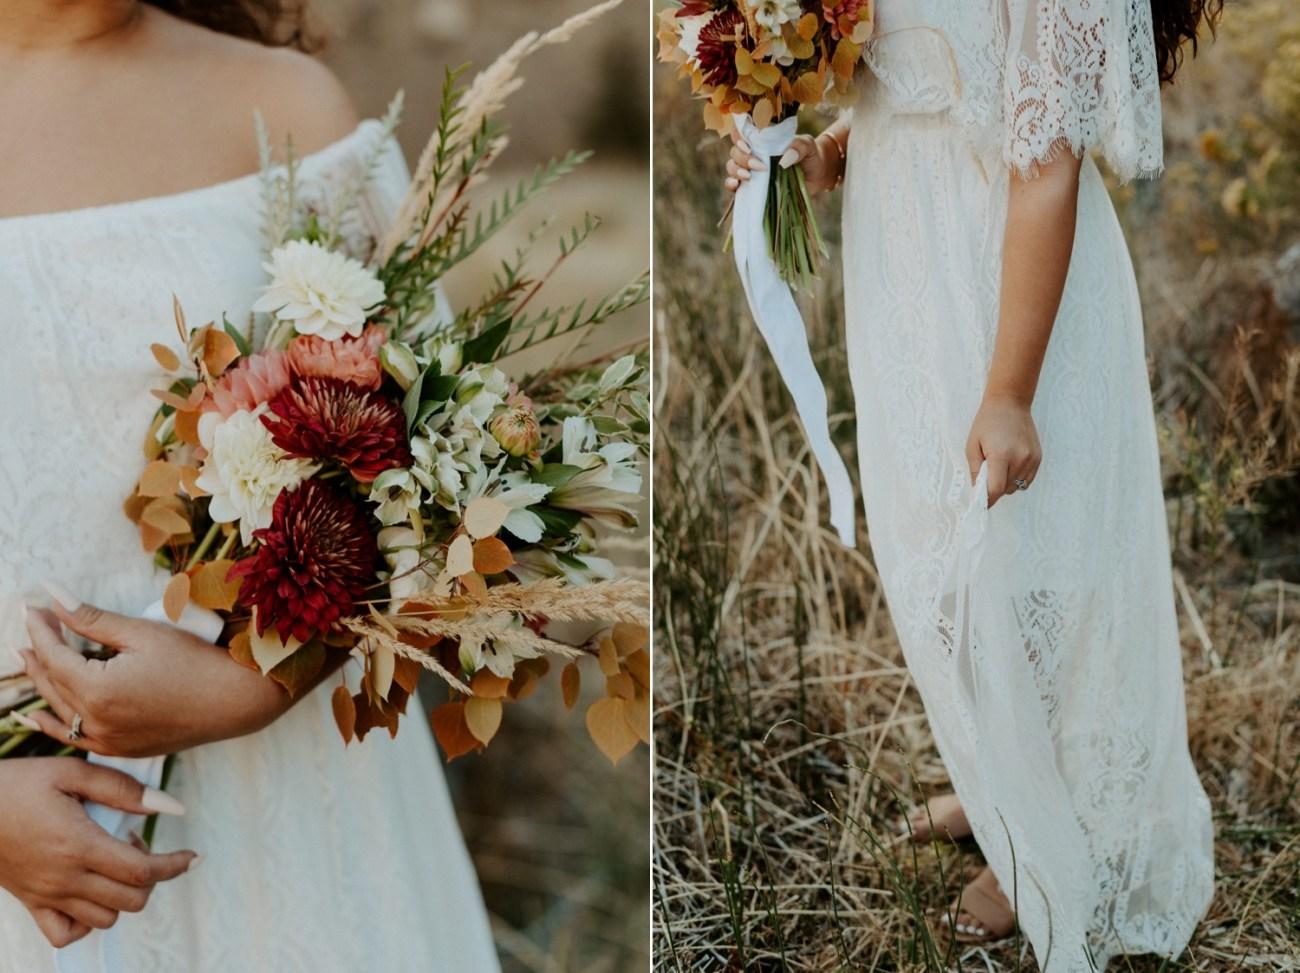 Smith Rock Elopement Bend Elopement Photographer Bend Wedding Photographer Fall Bend Wedding Anais Possamai Photography 007